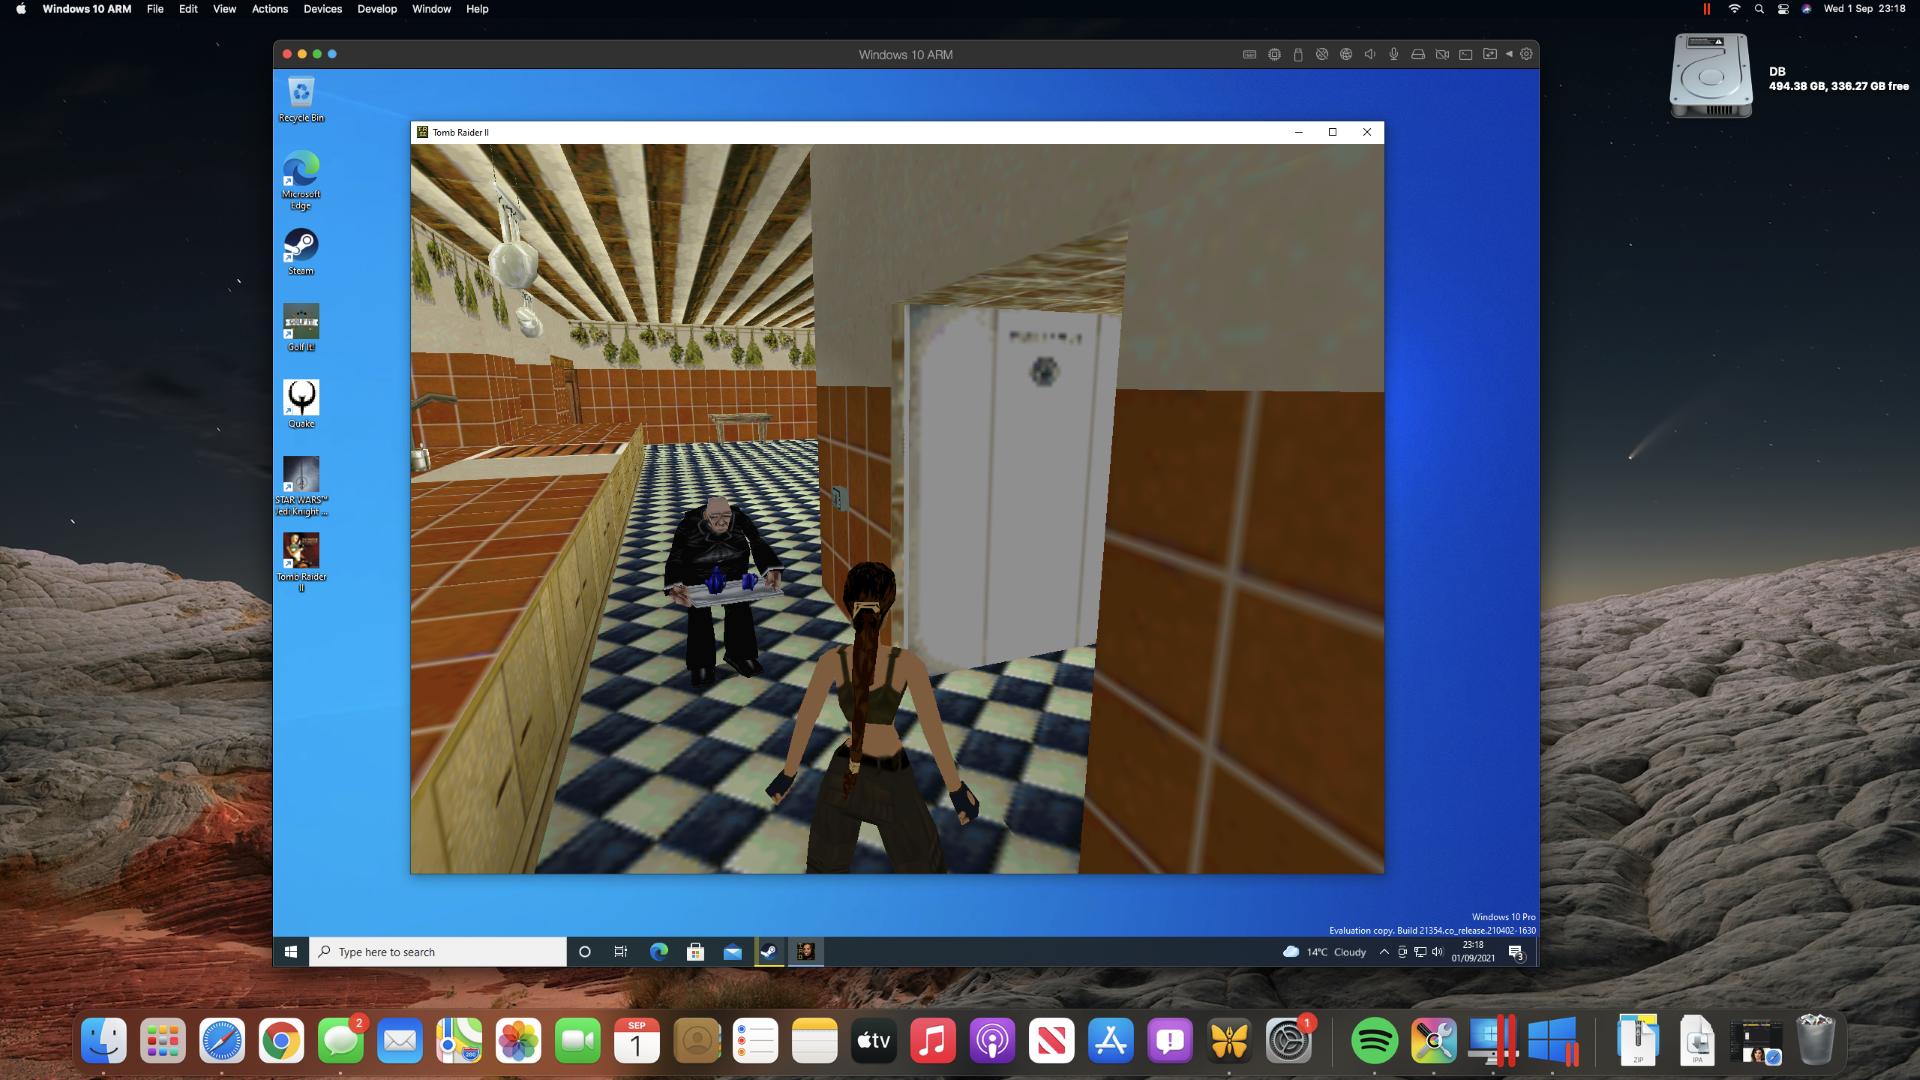 Tomb Raider II on an M1 Mac mini through Steam